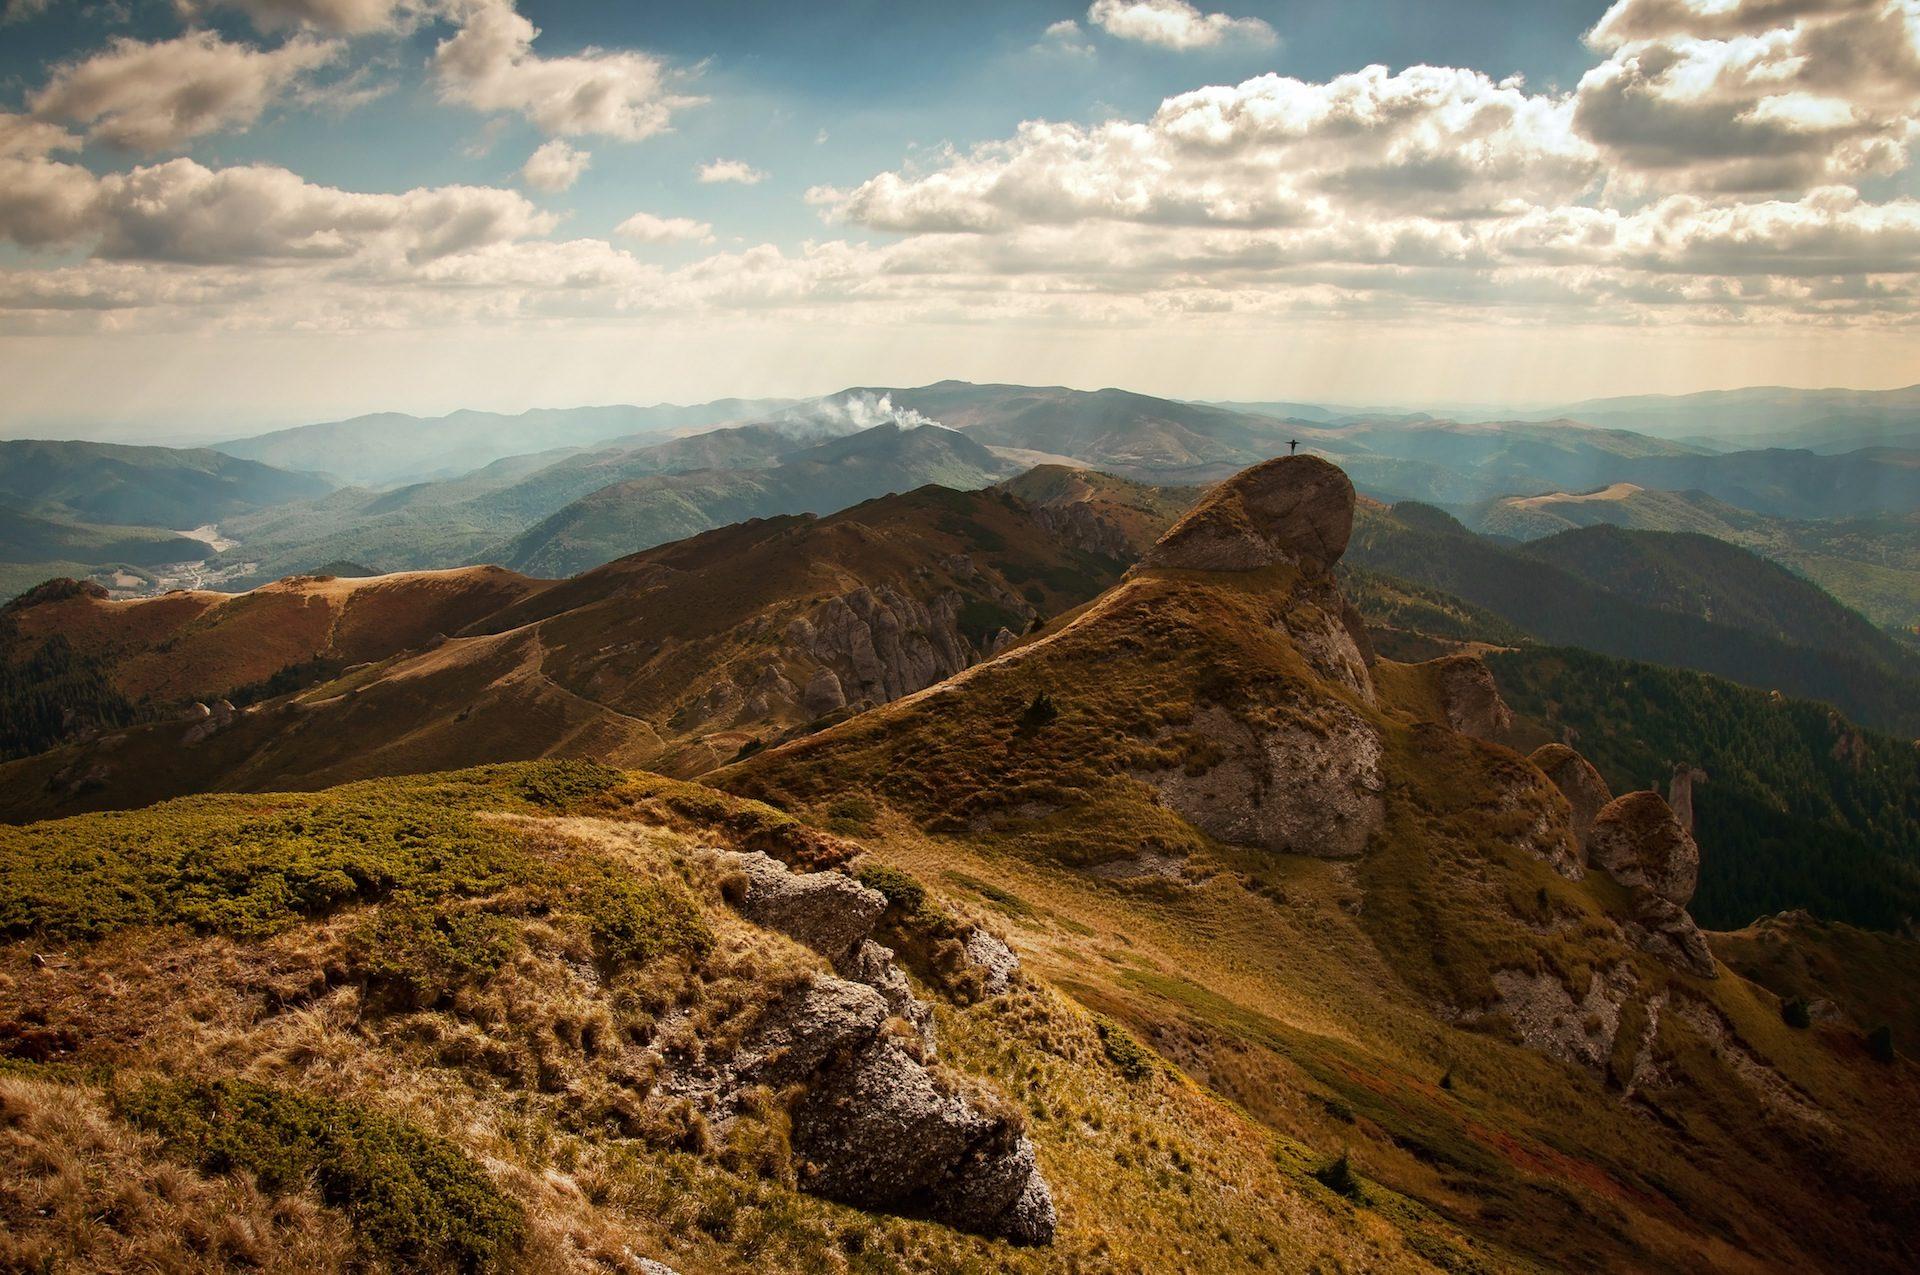 Montagna, In alto, uomo, Lejanía, ampiezza, Cielo, nuvole, campo - Sfondi HD - Professor-falken.com